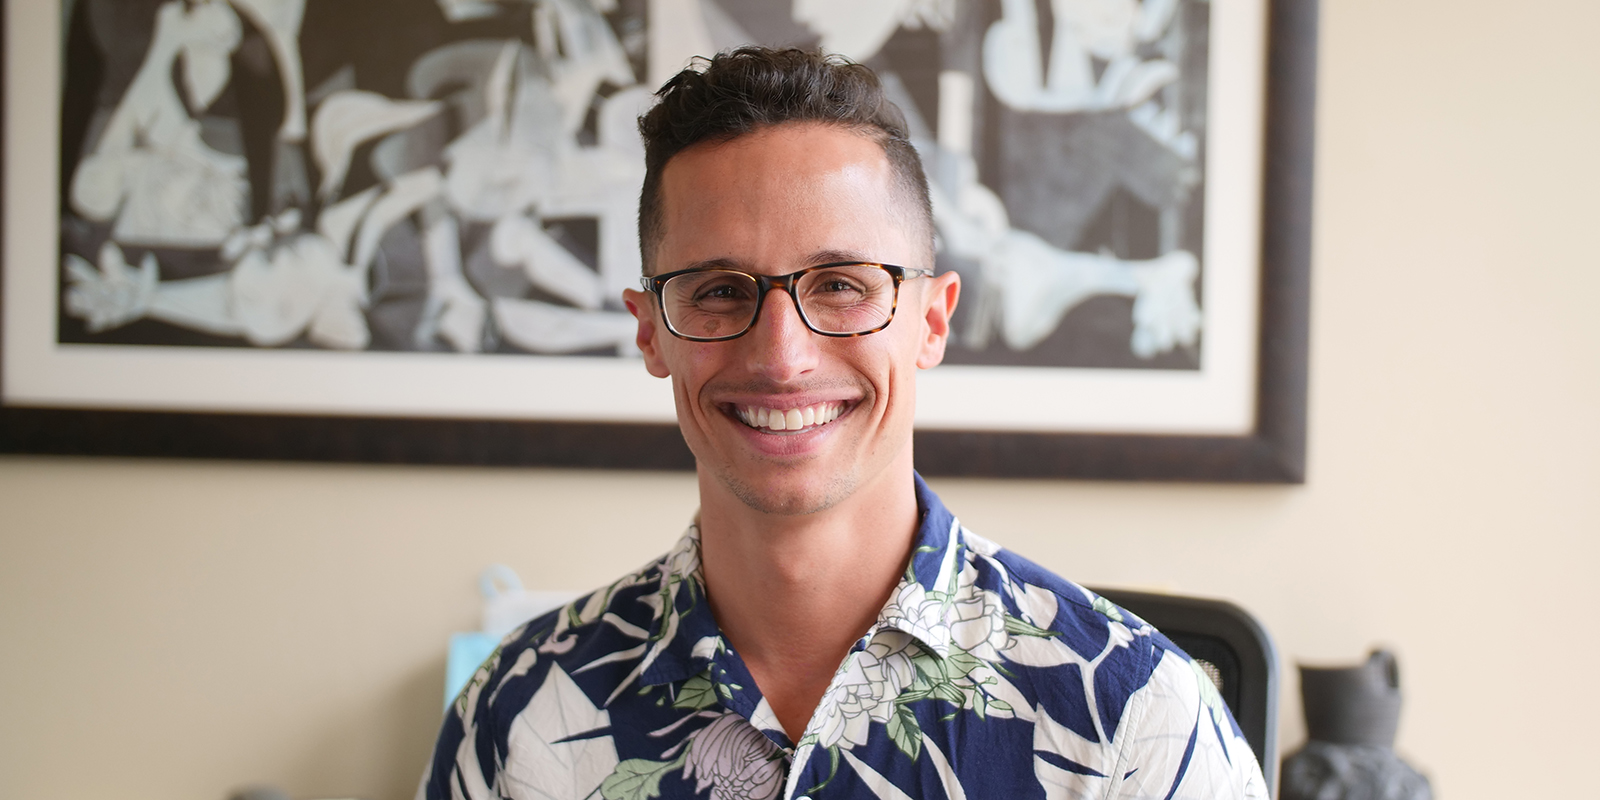 USD Professor Greg Prieto